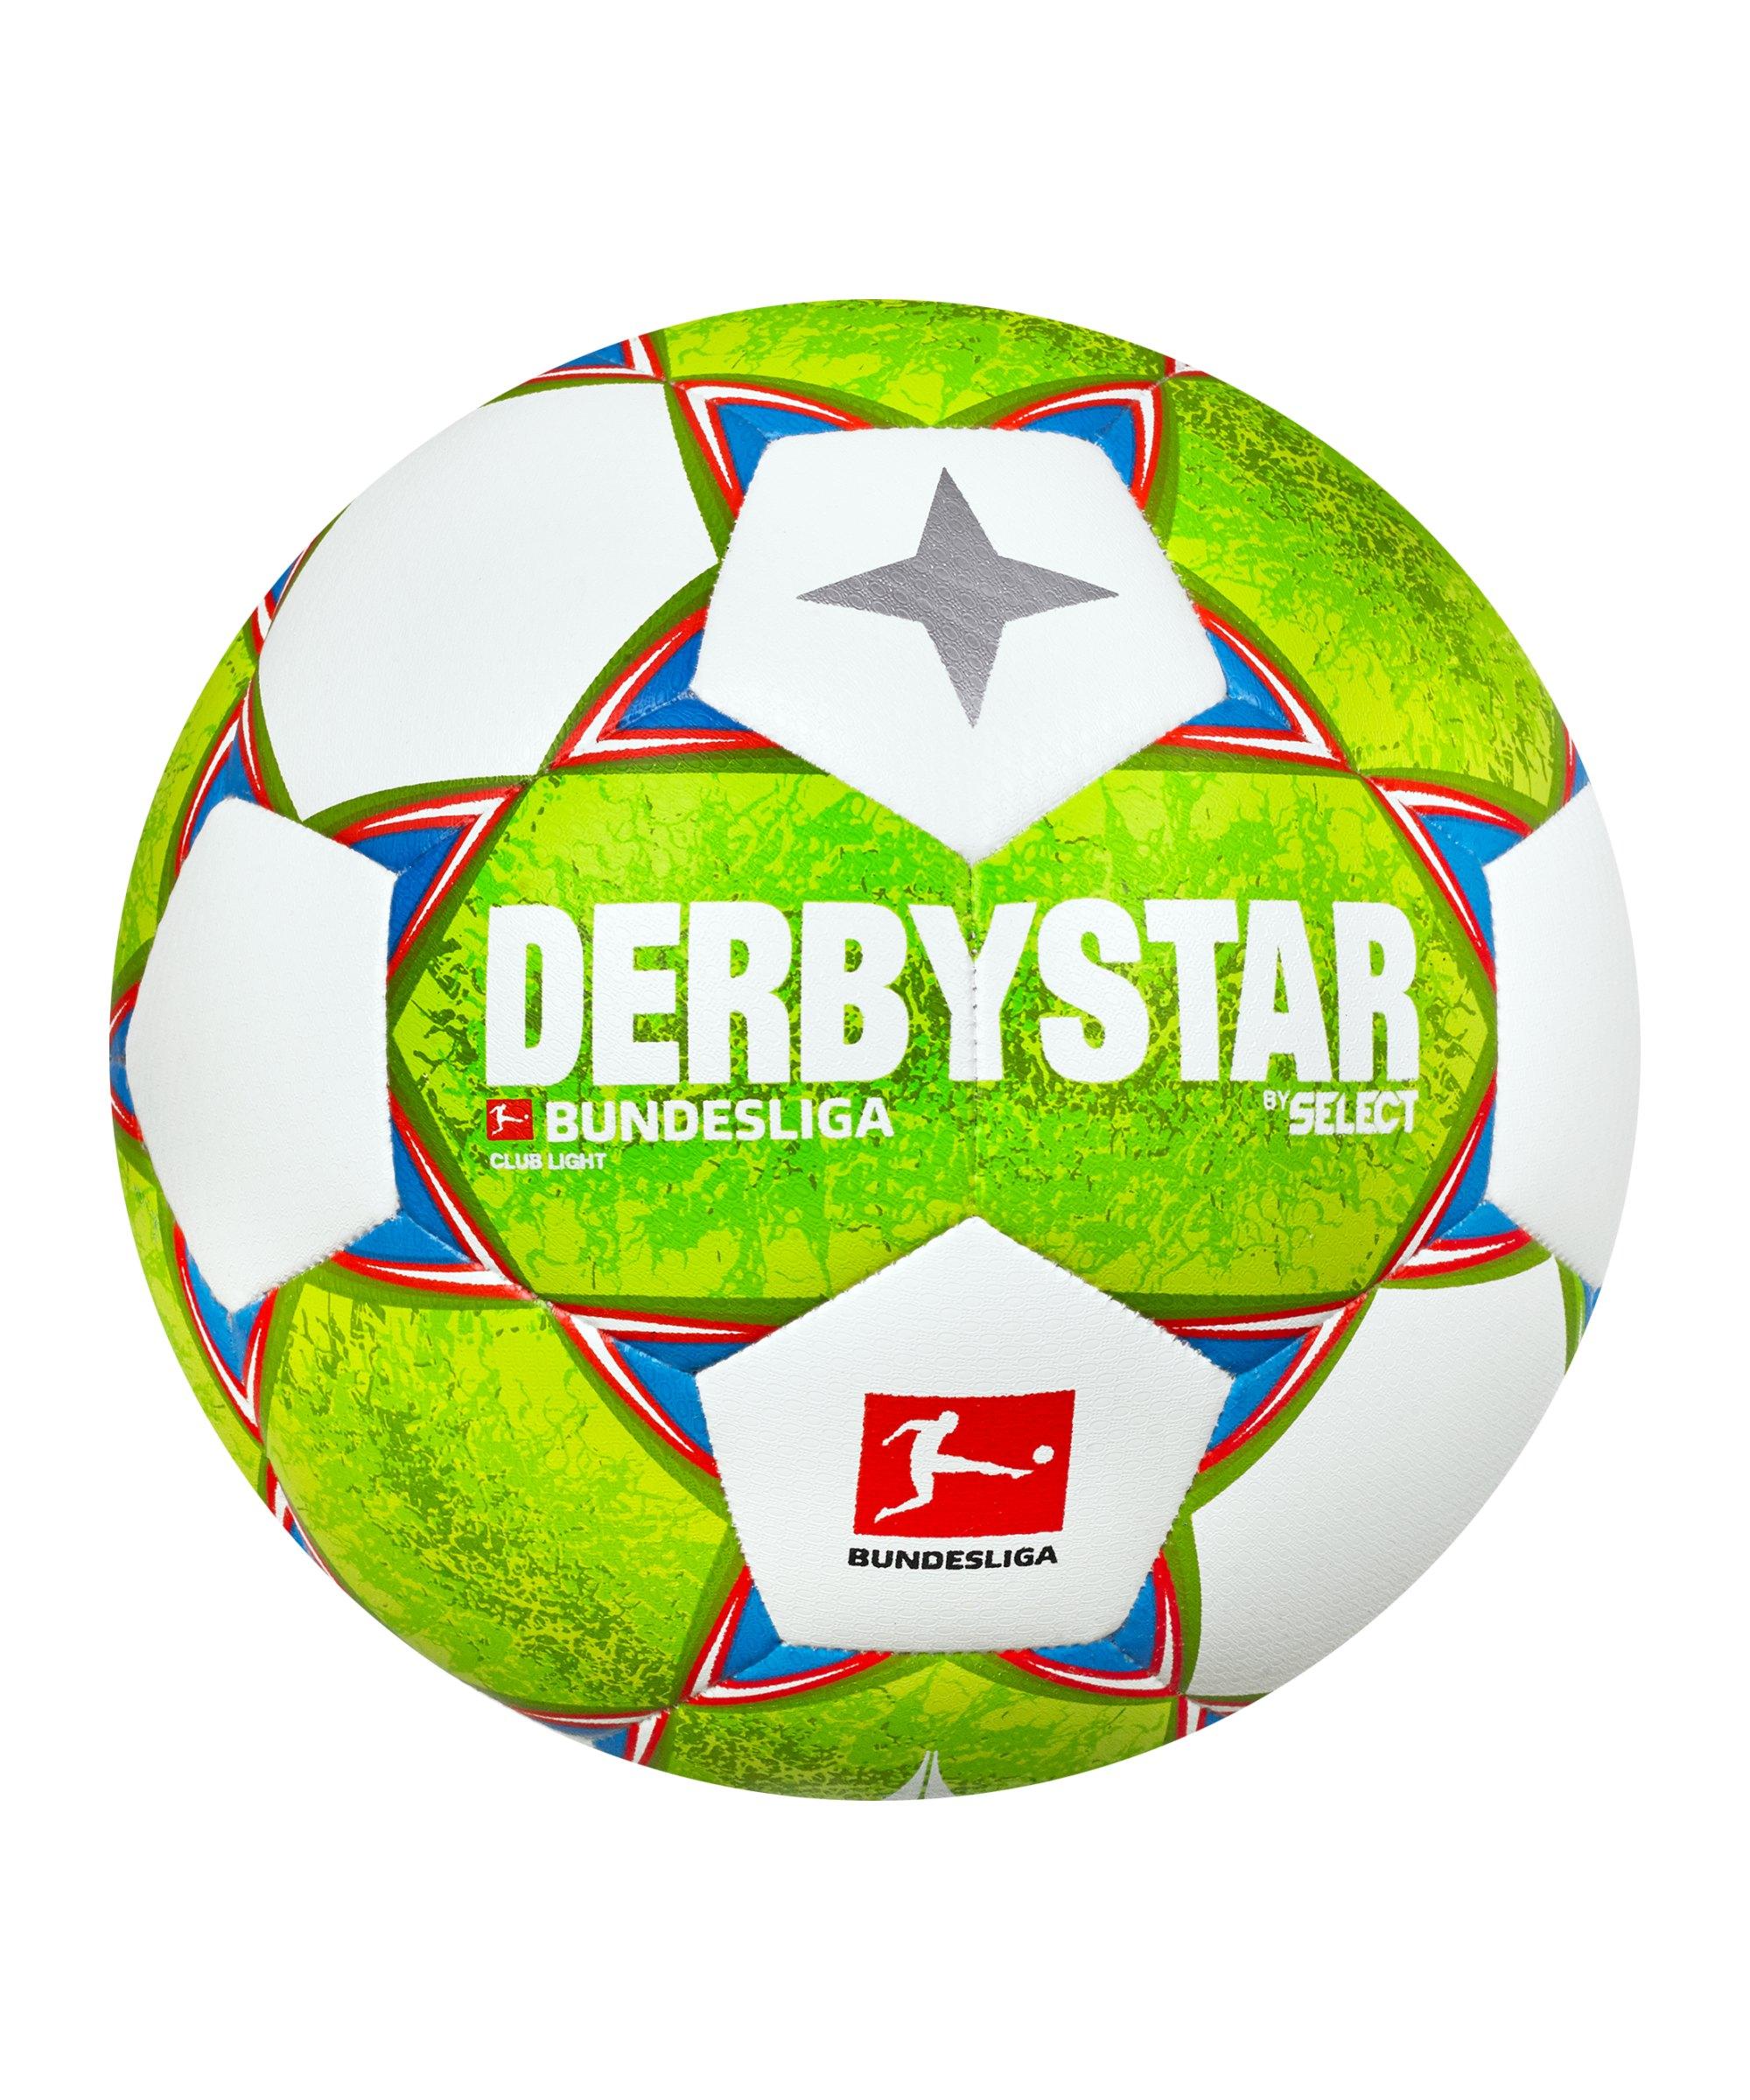 Derbystar Bundesliga Club Light v21 Trainingsball 350 Gramm 2021/2022 Grün Orange F021 - gruen